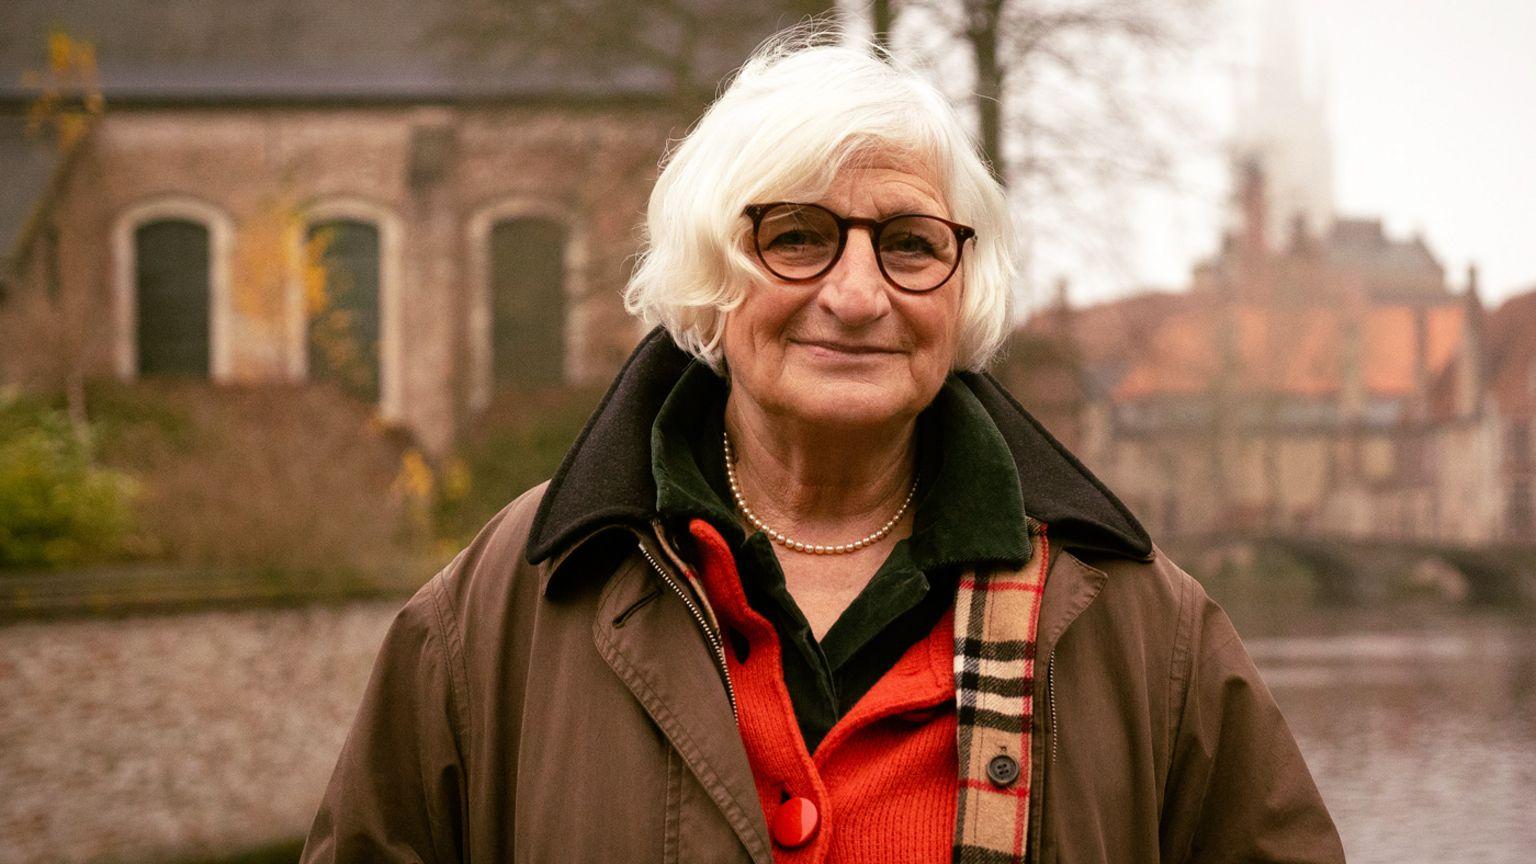 Brigitte Beernaert, architectural historian